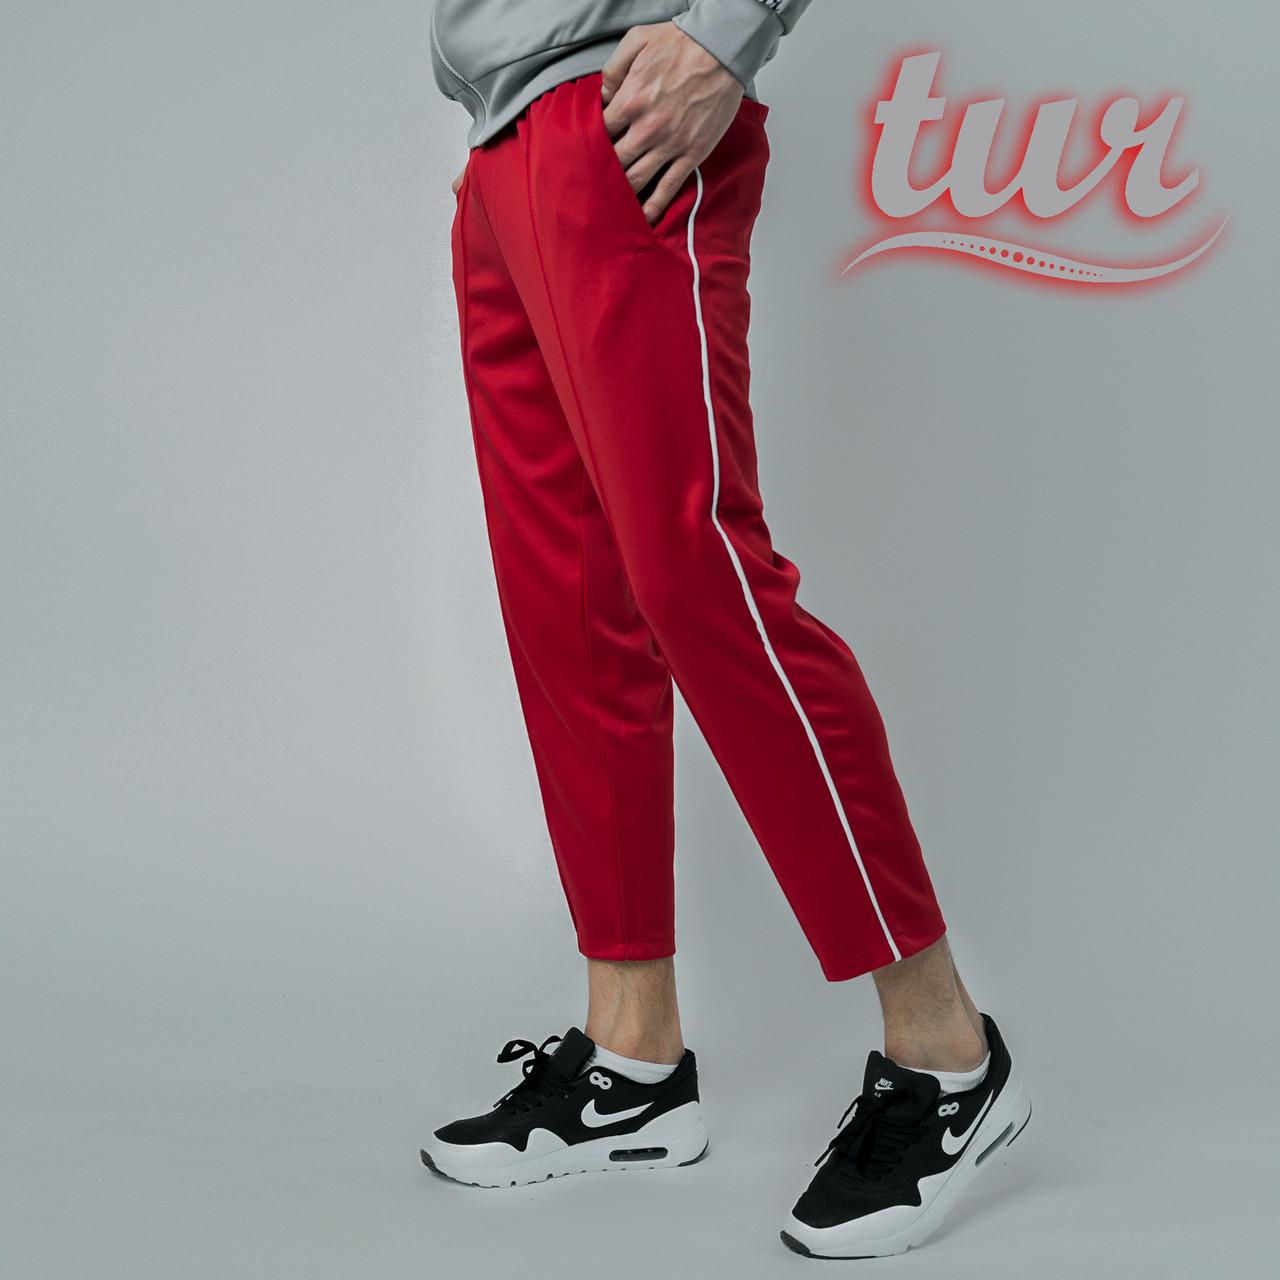 Cпортивные штаны мужские красные с полосками от бренда ТУР модель Кейдж (Cage) размер S, M, L, XL